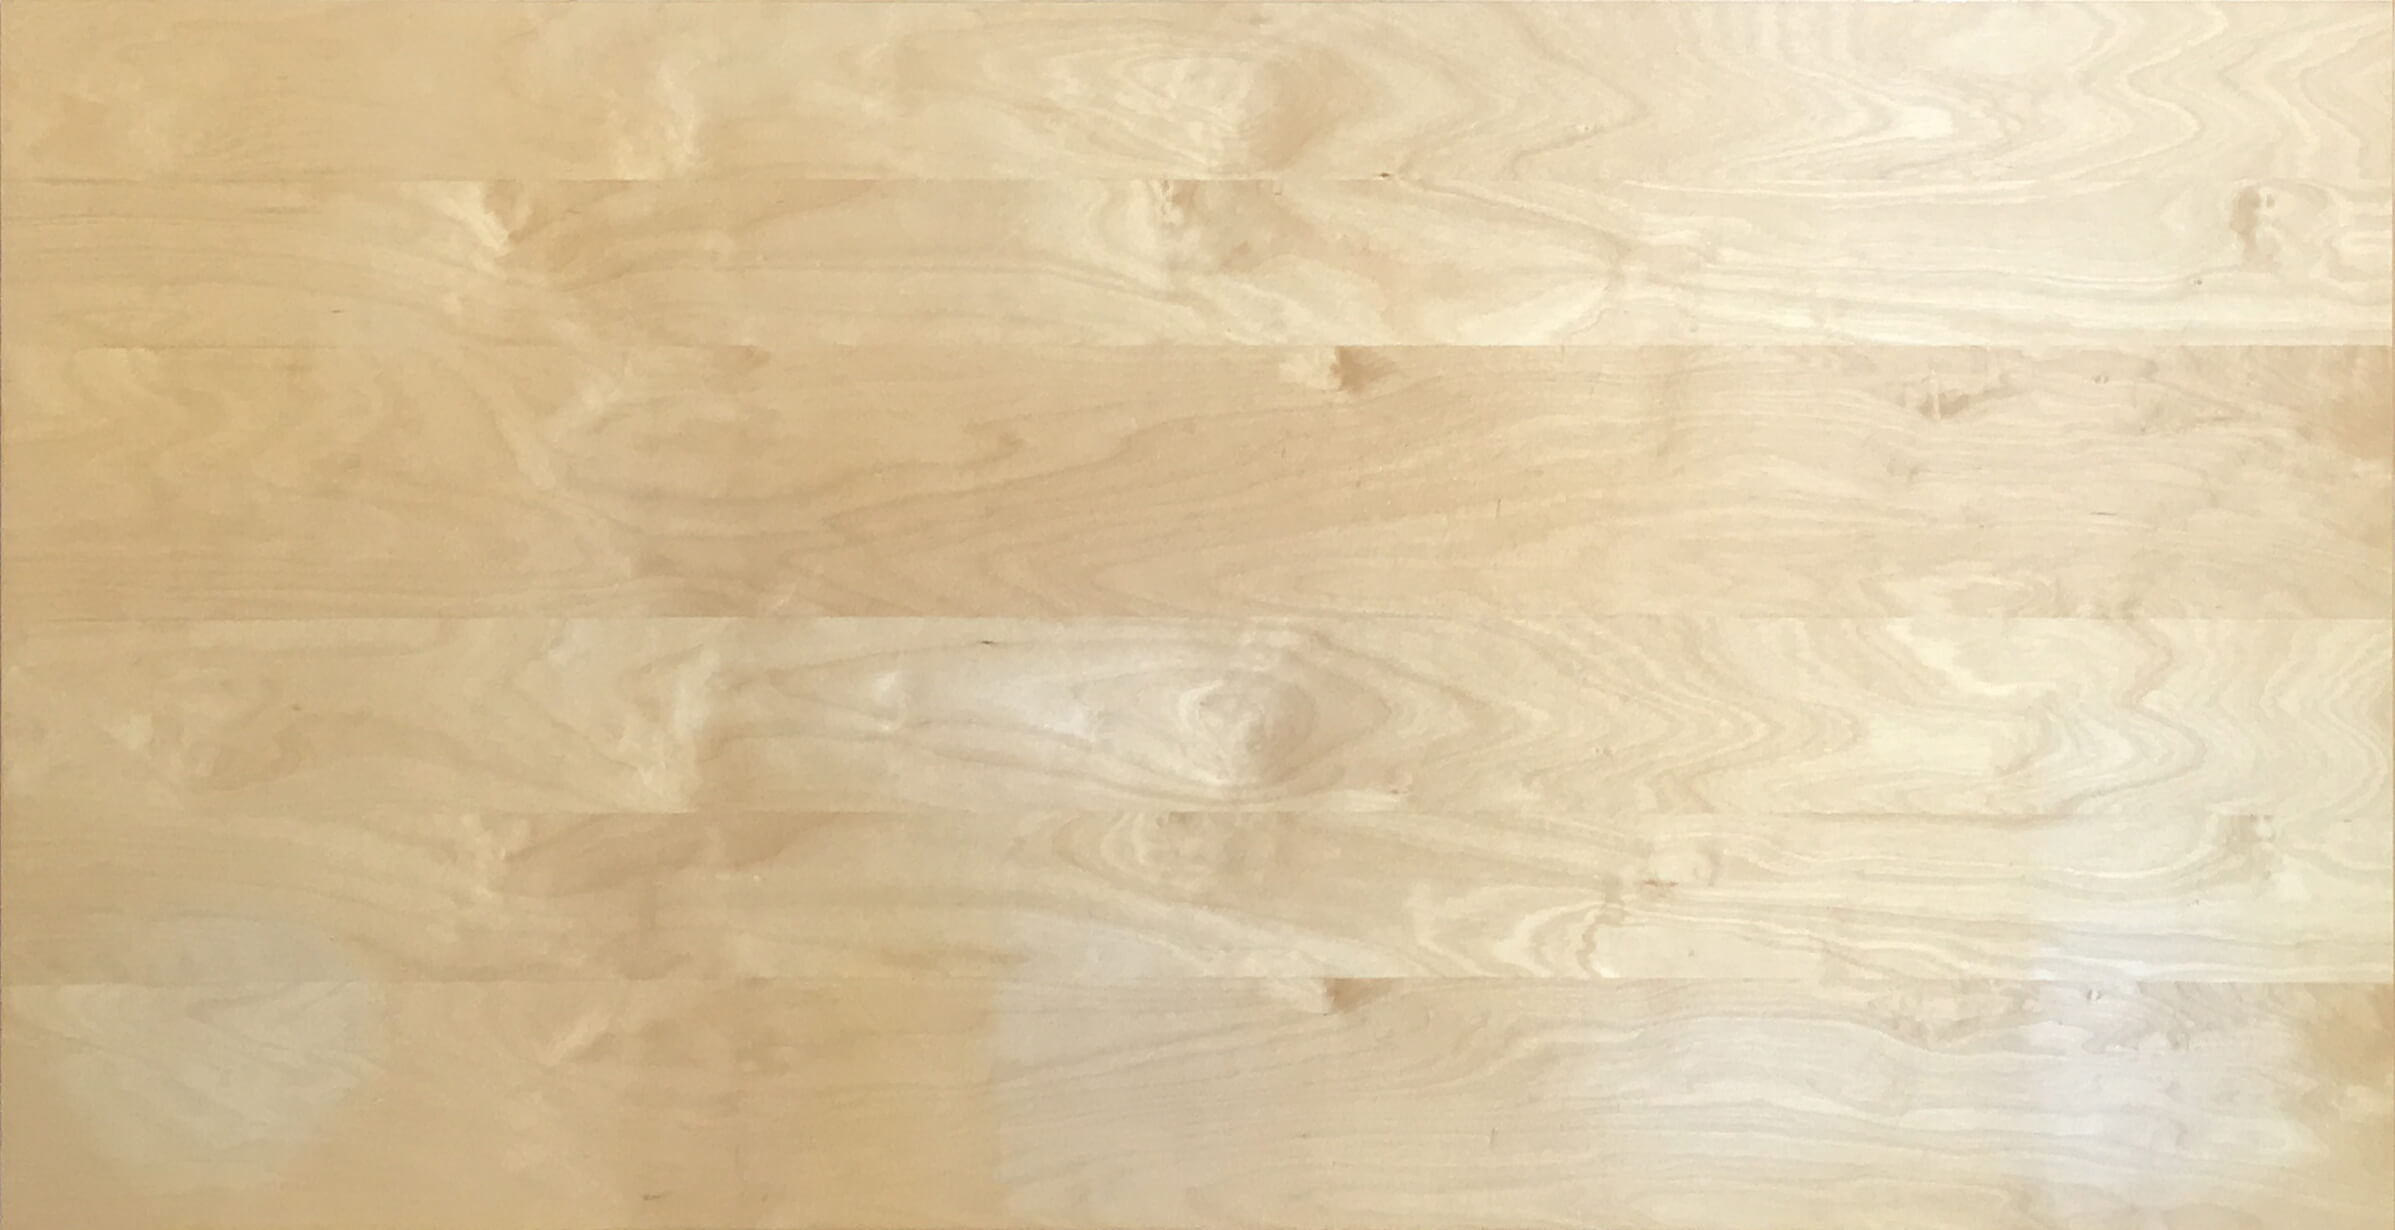 ikea galant tischplatte 120x60cm birke. Black Bedroom Furniture Sets. Home Design Ideas